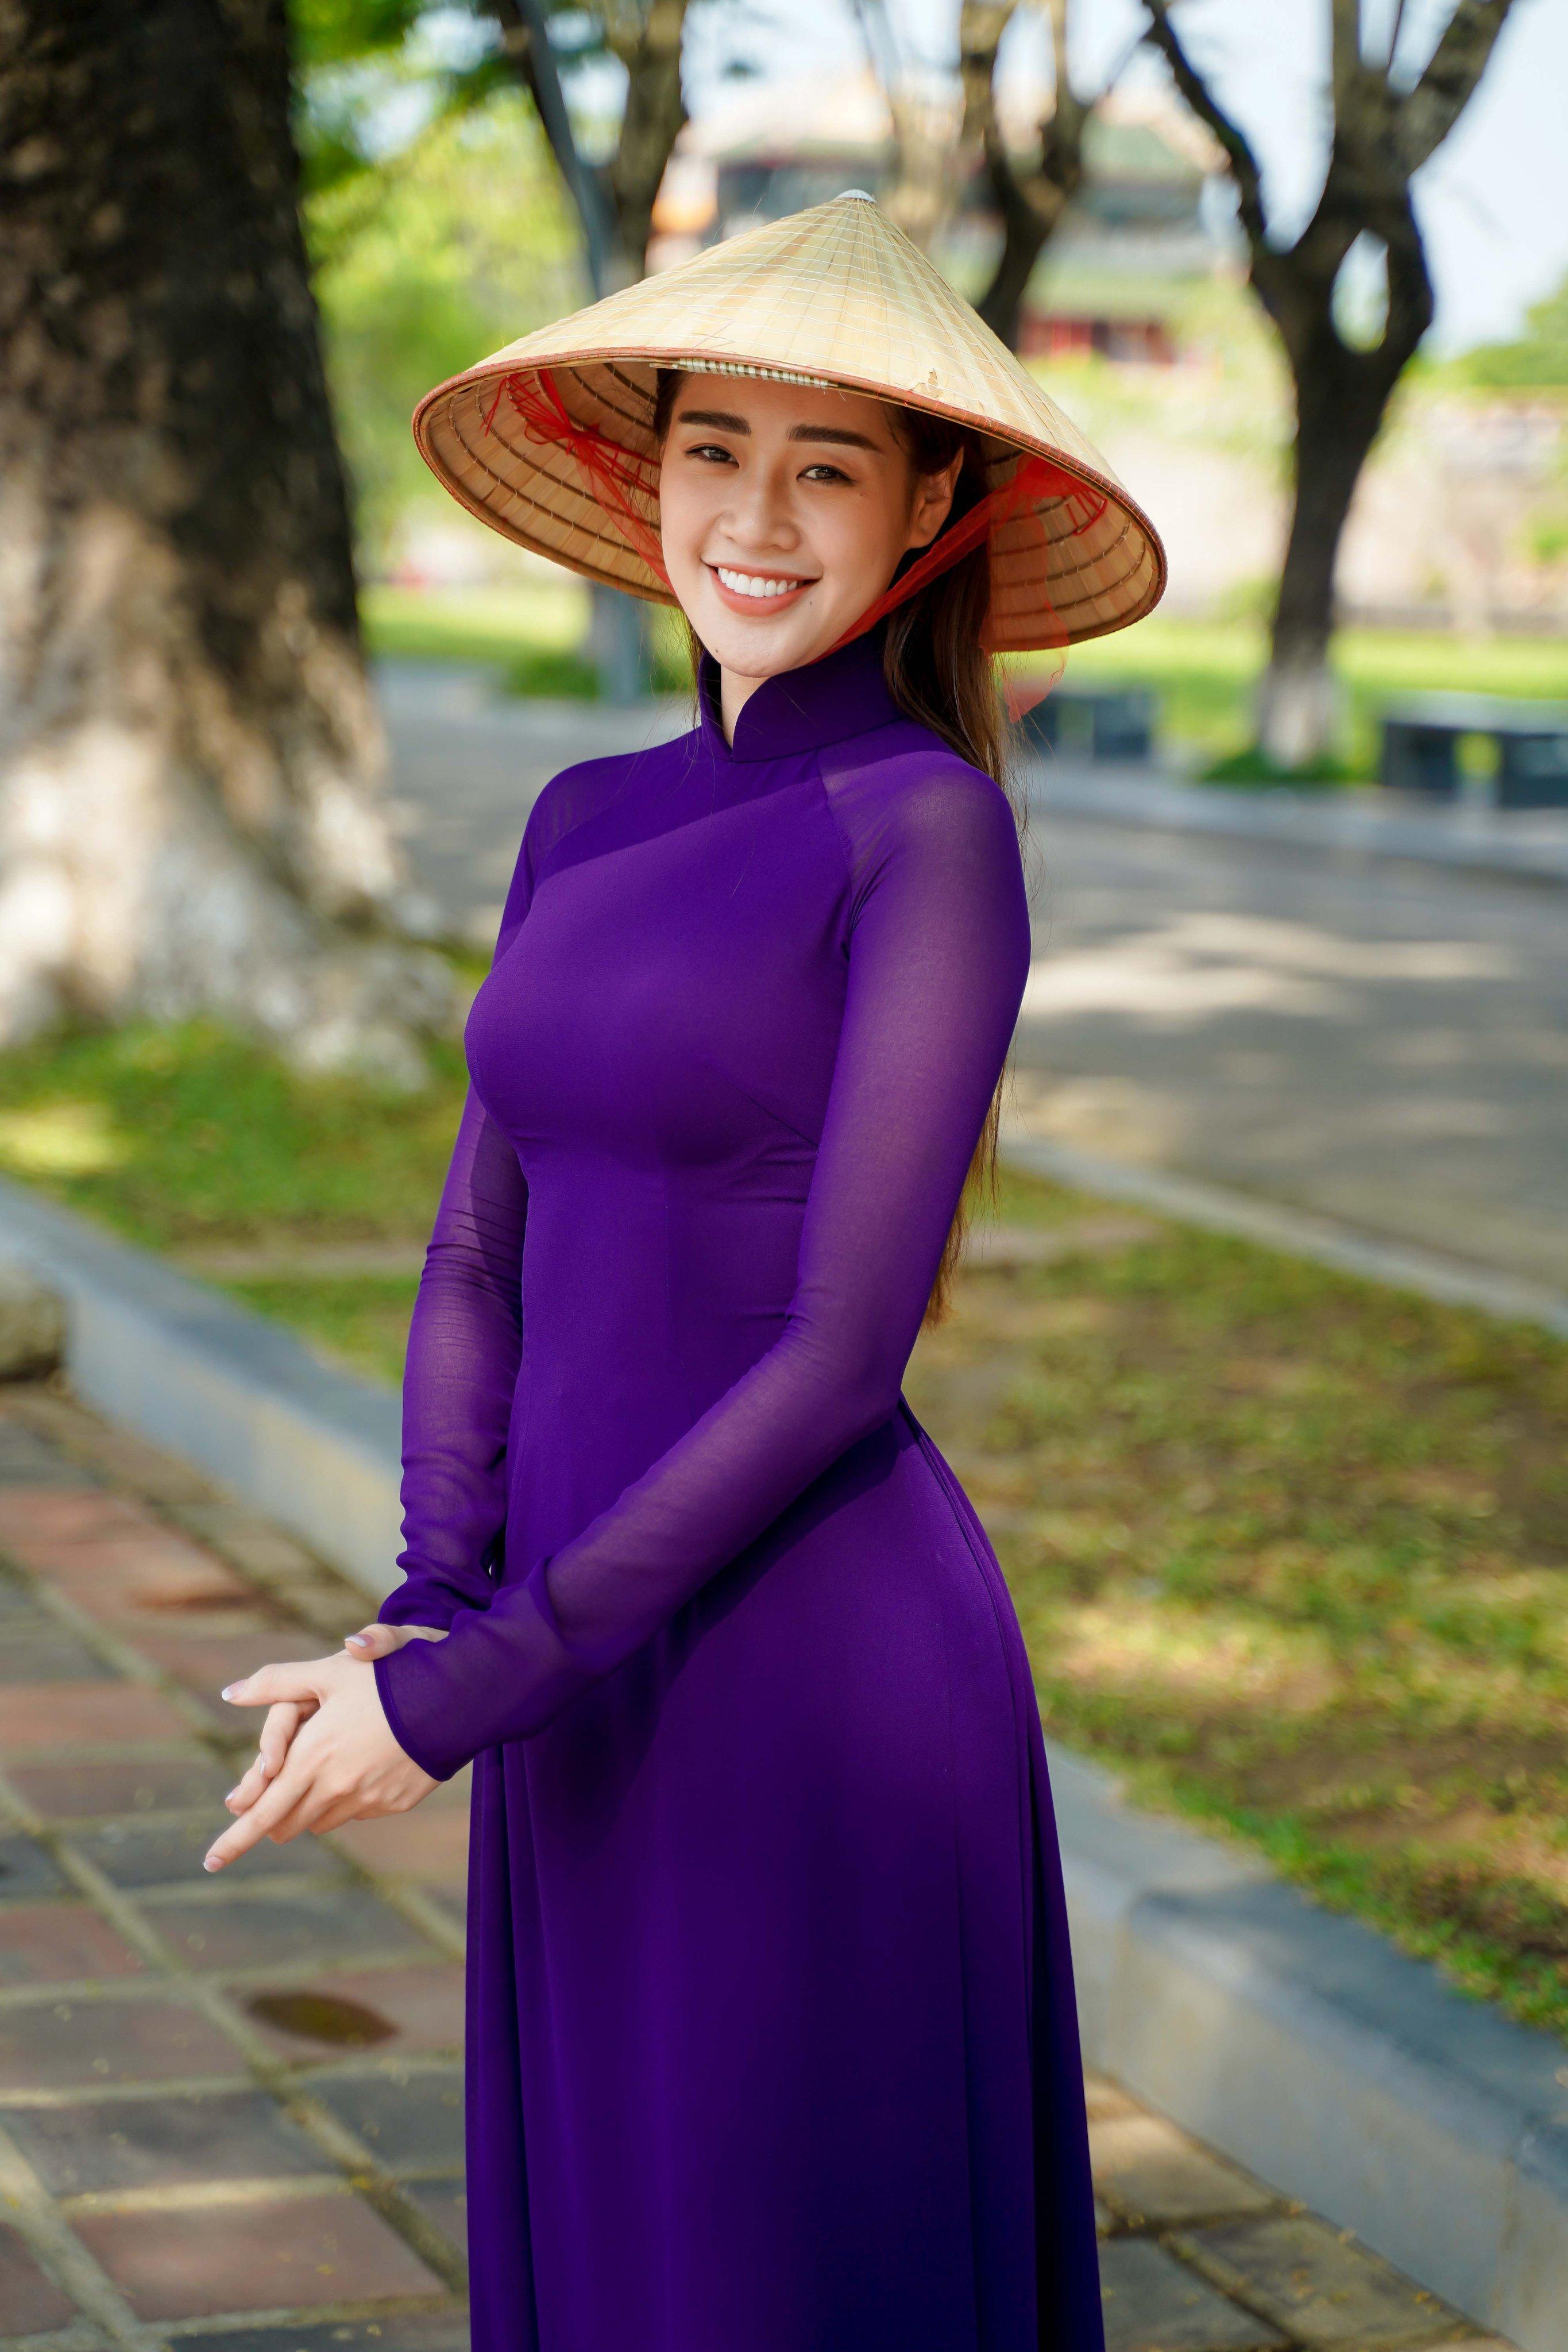 Chủ nhân National Costume Nàng Mây thiết kế váy tàu điện Metro cho Khánh Vân: Cổng trường cũng thành trang phục cực chất Ảnh 13